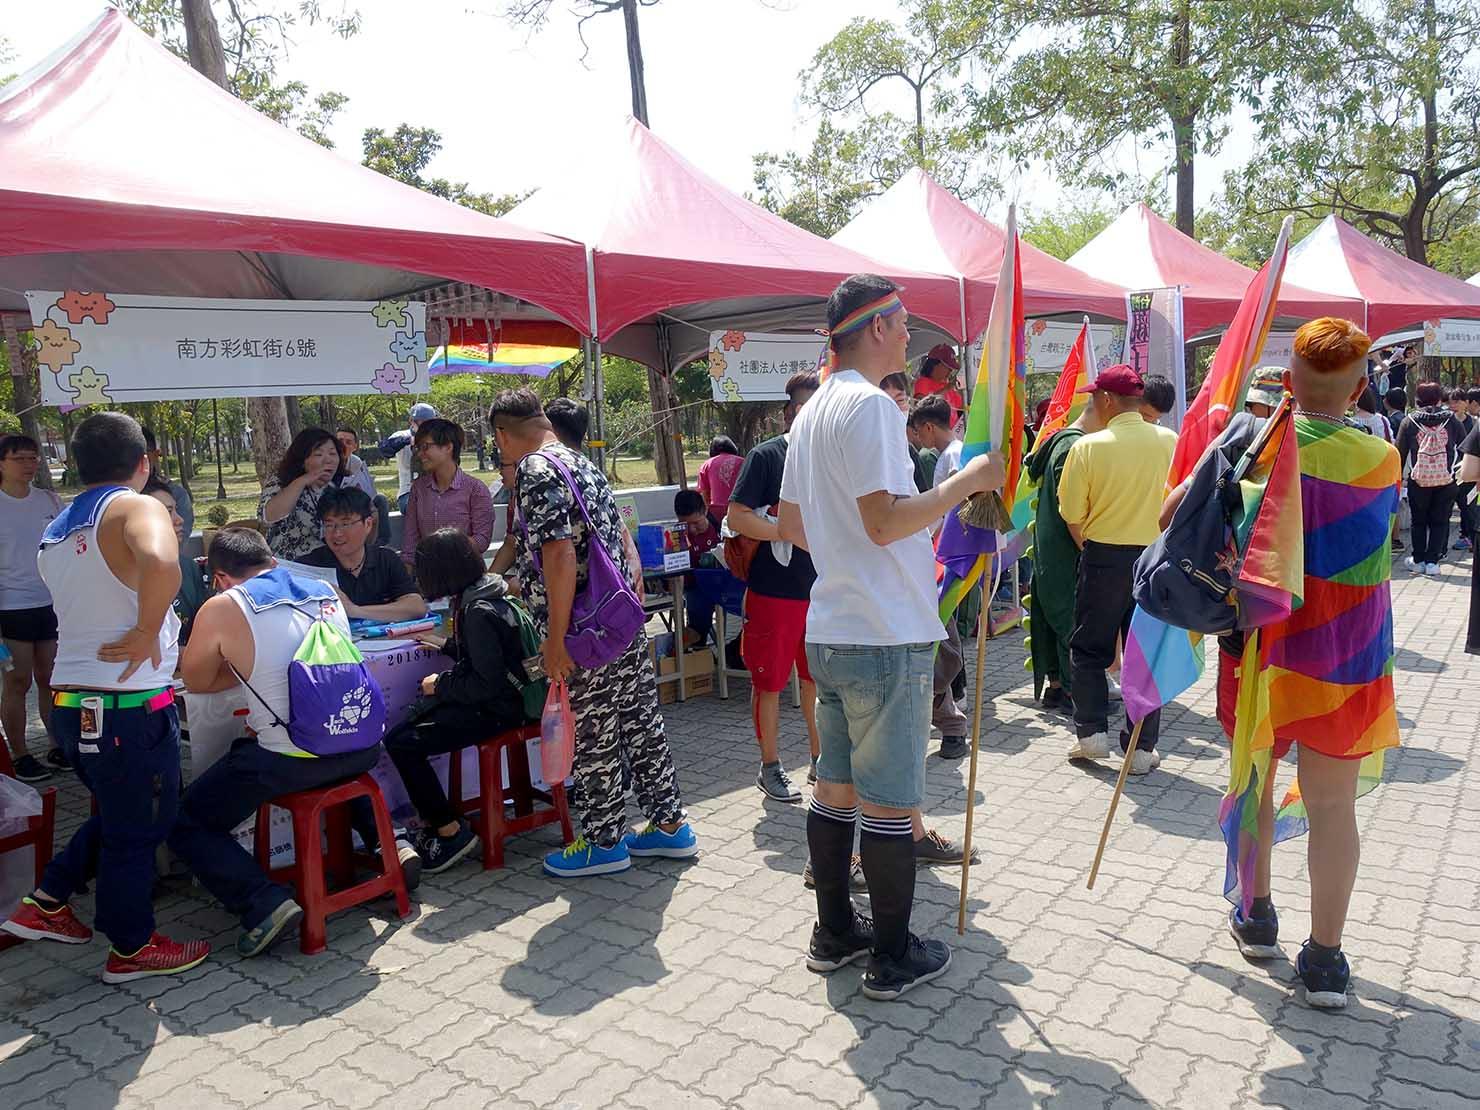 2018年台湾最初のLGBTプライド「台南彩虹遊行(台南レインボーパレード)」会場のブース